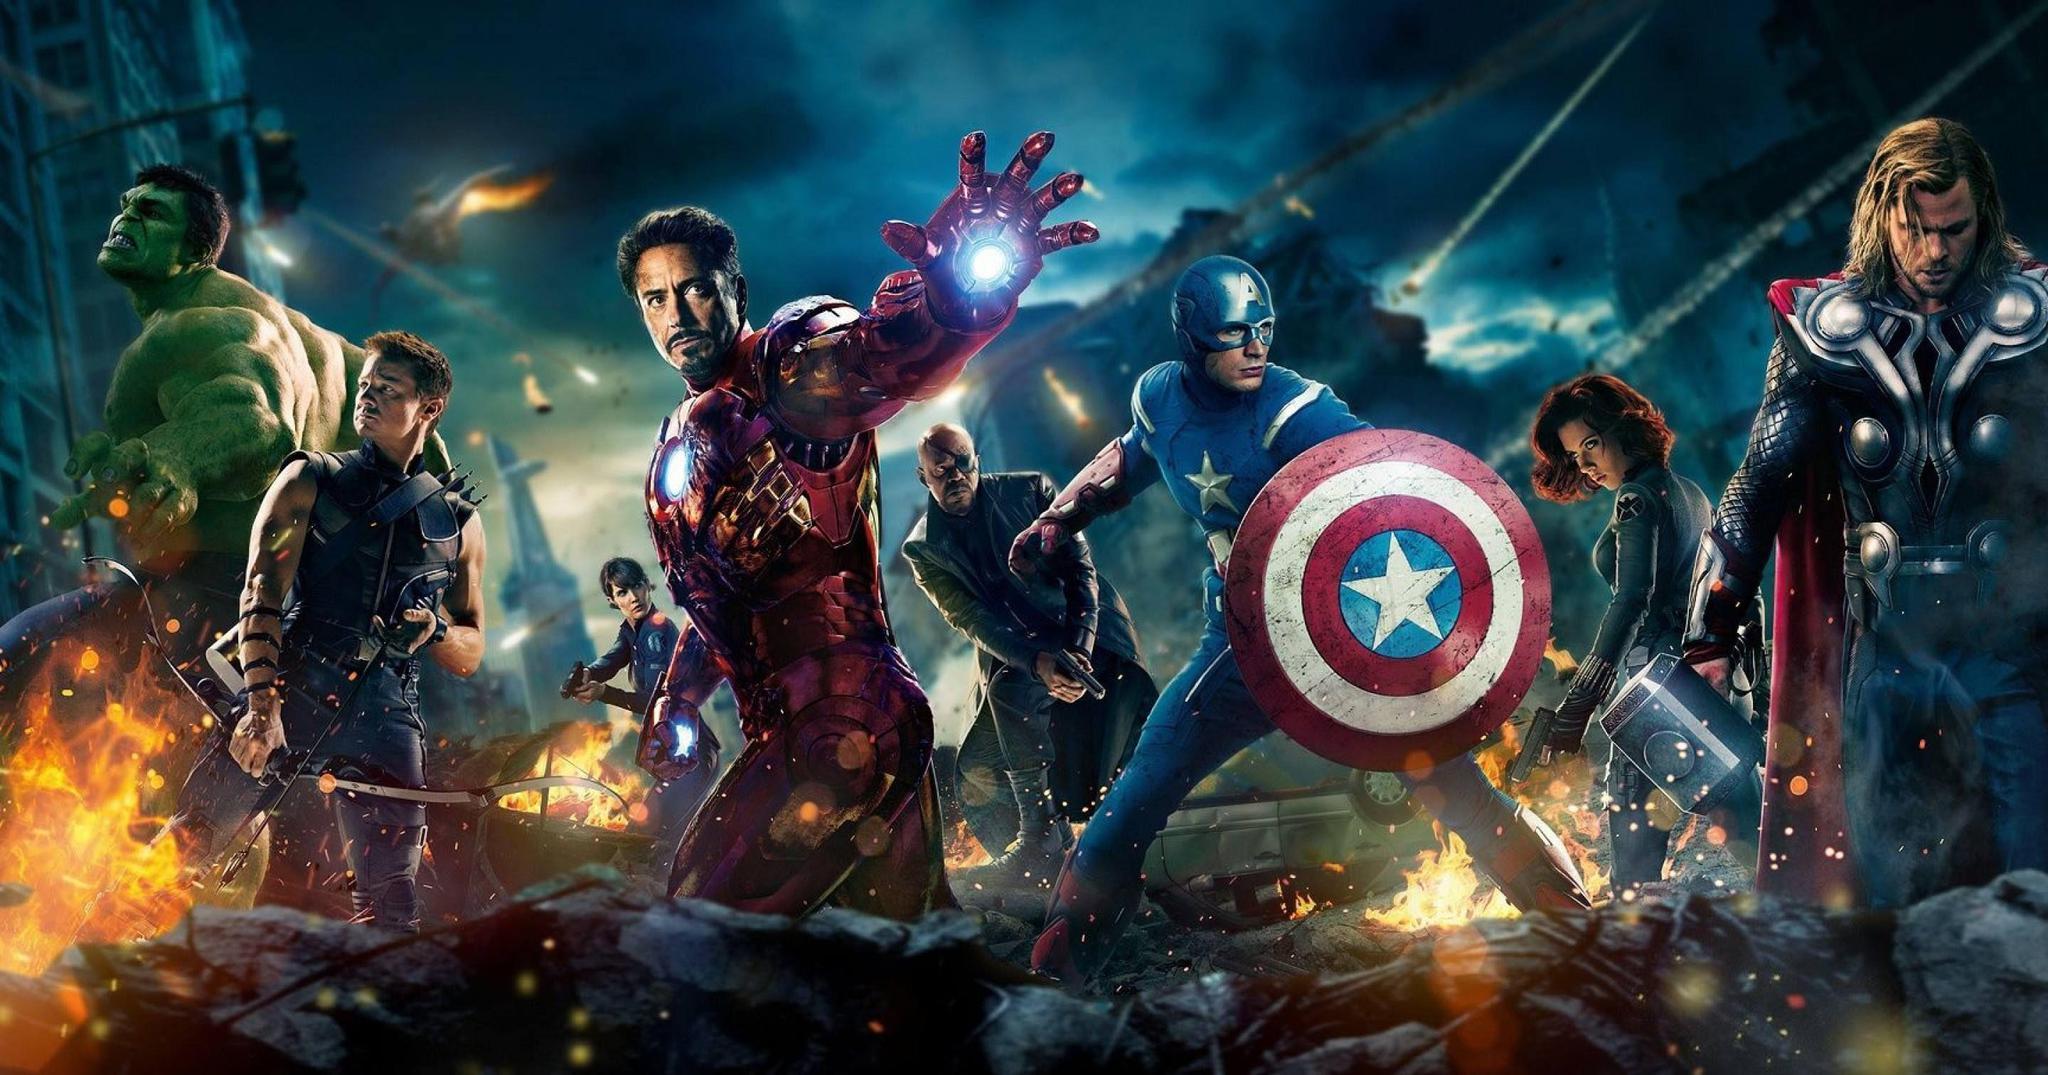 《复仇者联盟4》海报预告爆出,鹰眼回归联盟,终章还是新的开始